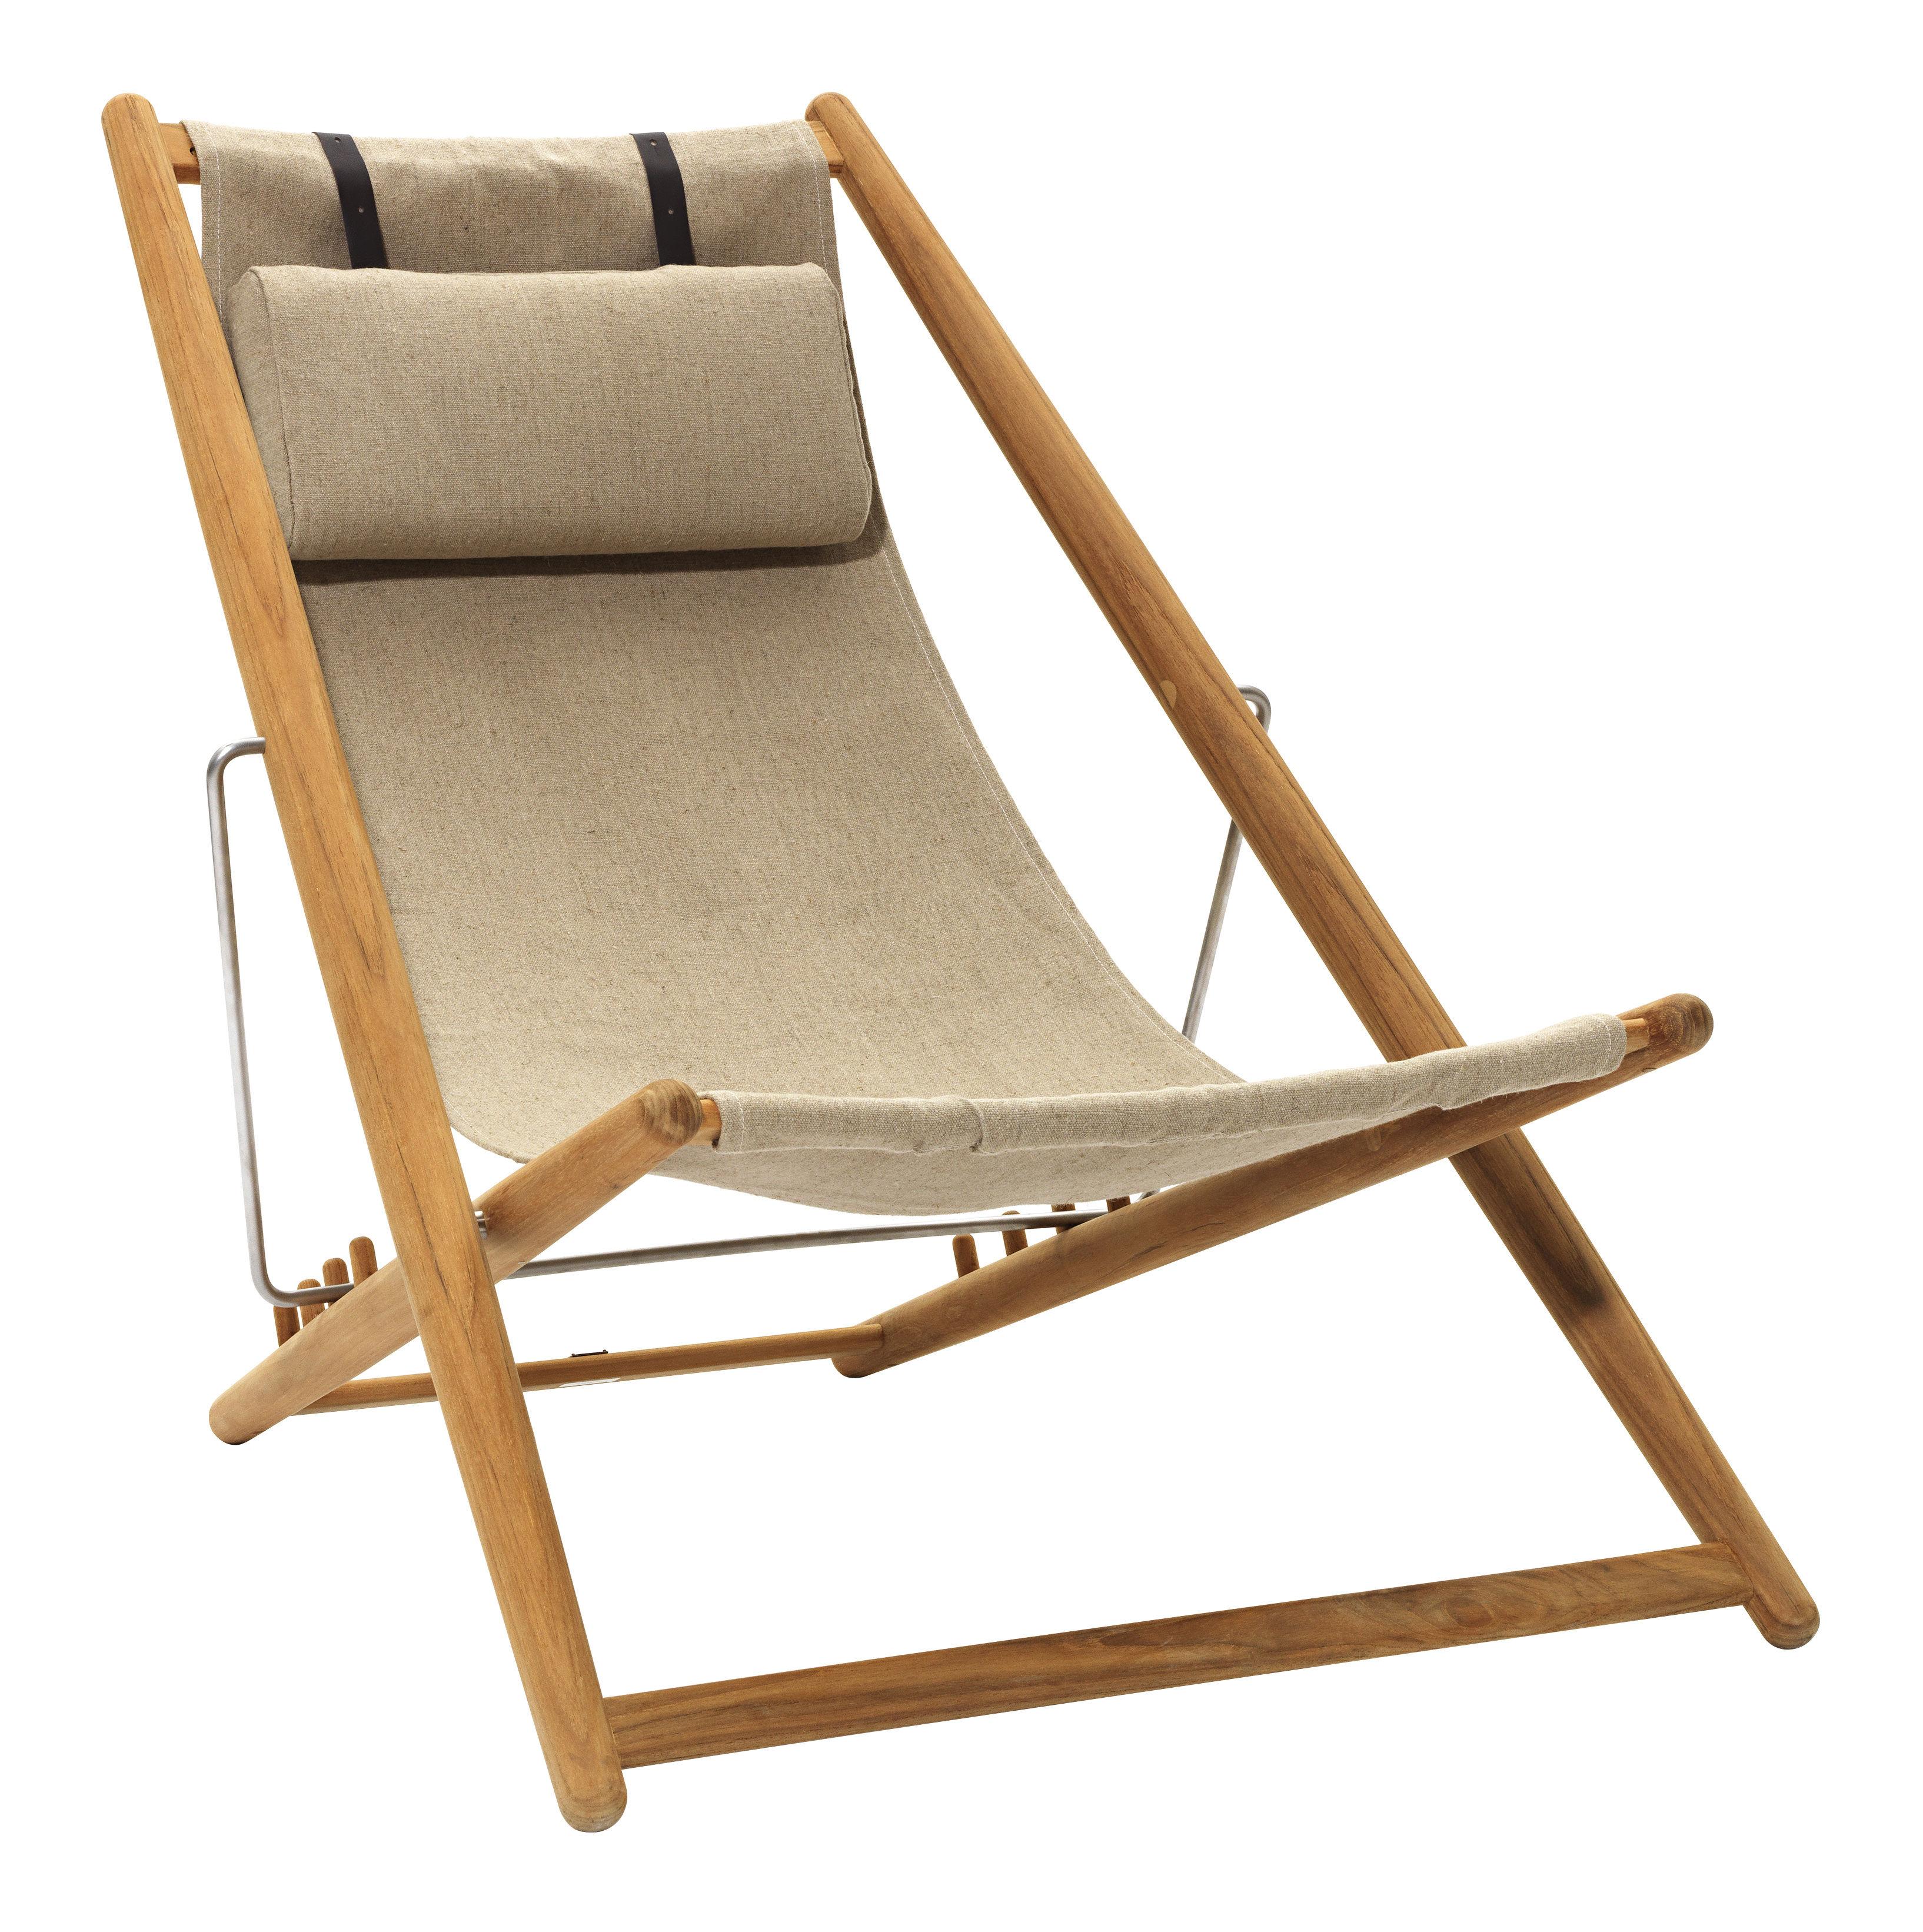 H55 chaise longue edizione limitata 60 anni teck for Chesterfield edizione limitata